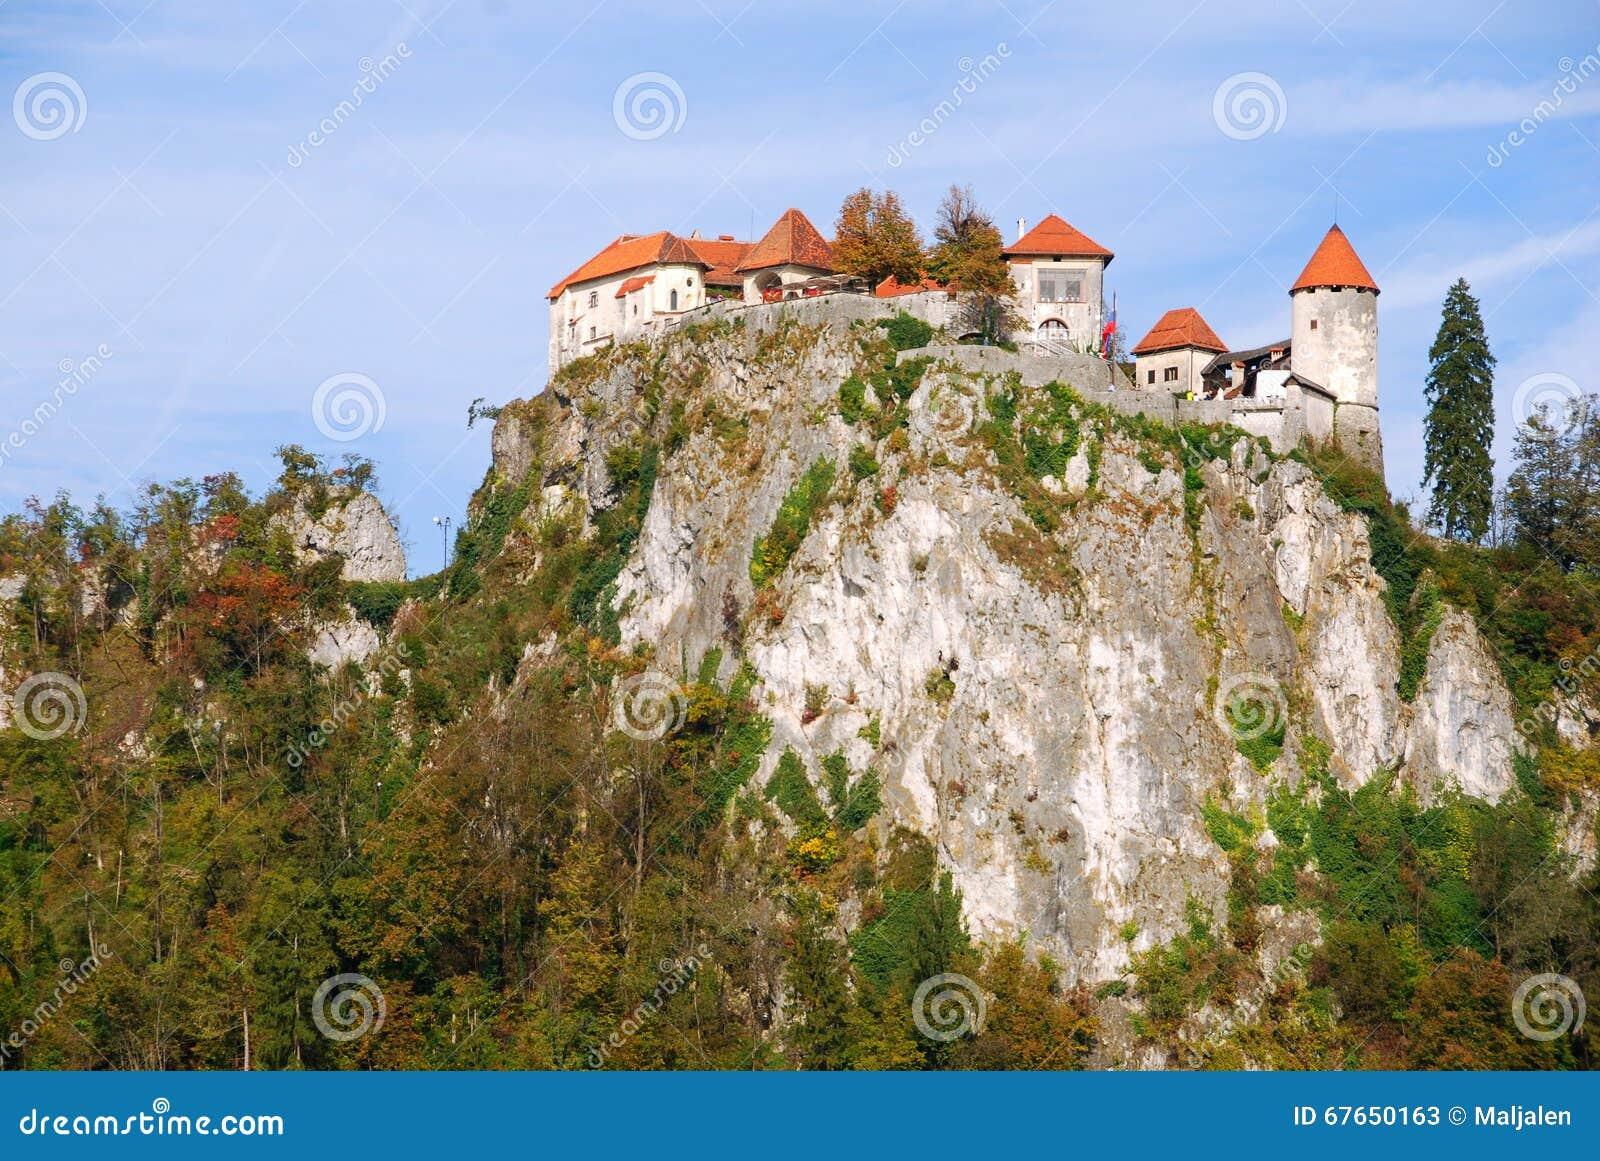 Ausgeblutetes Schloss